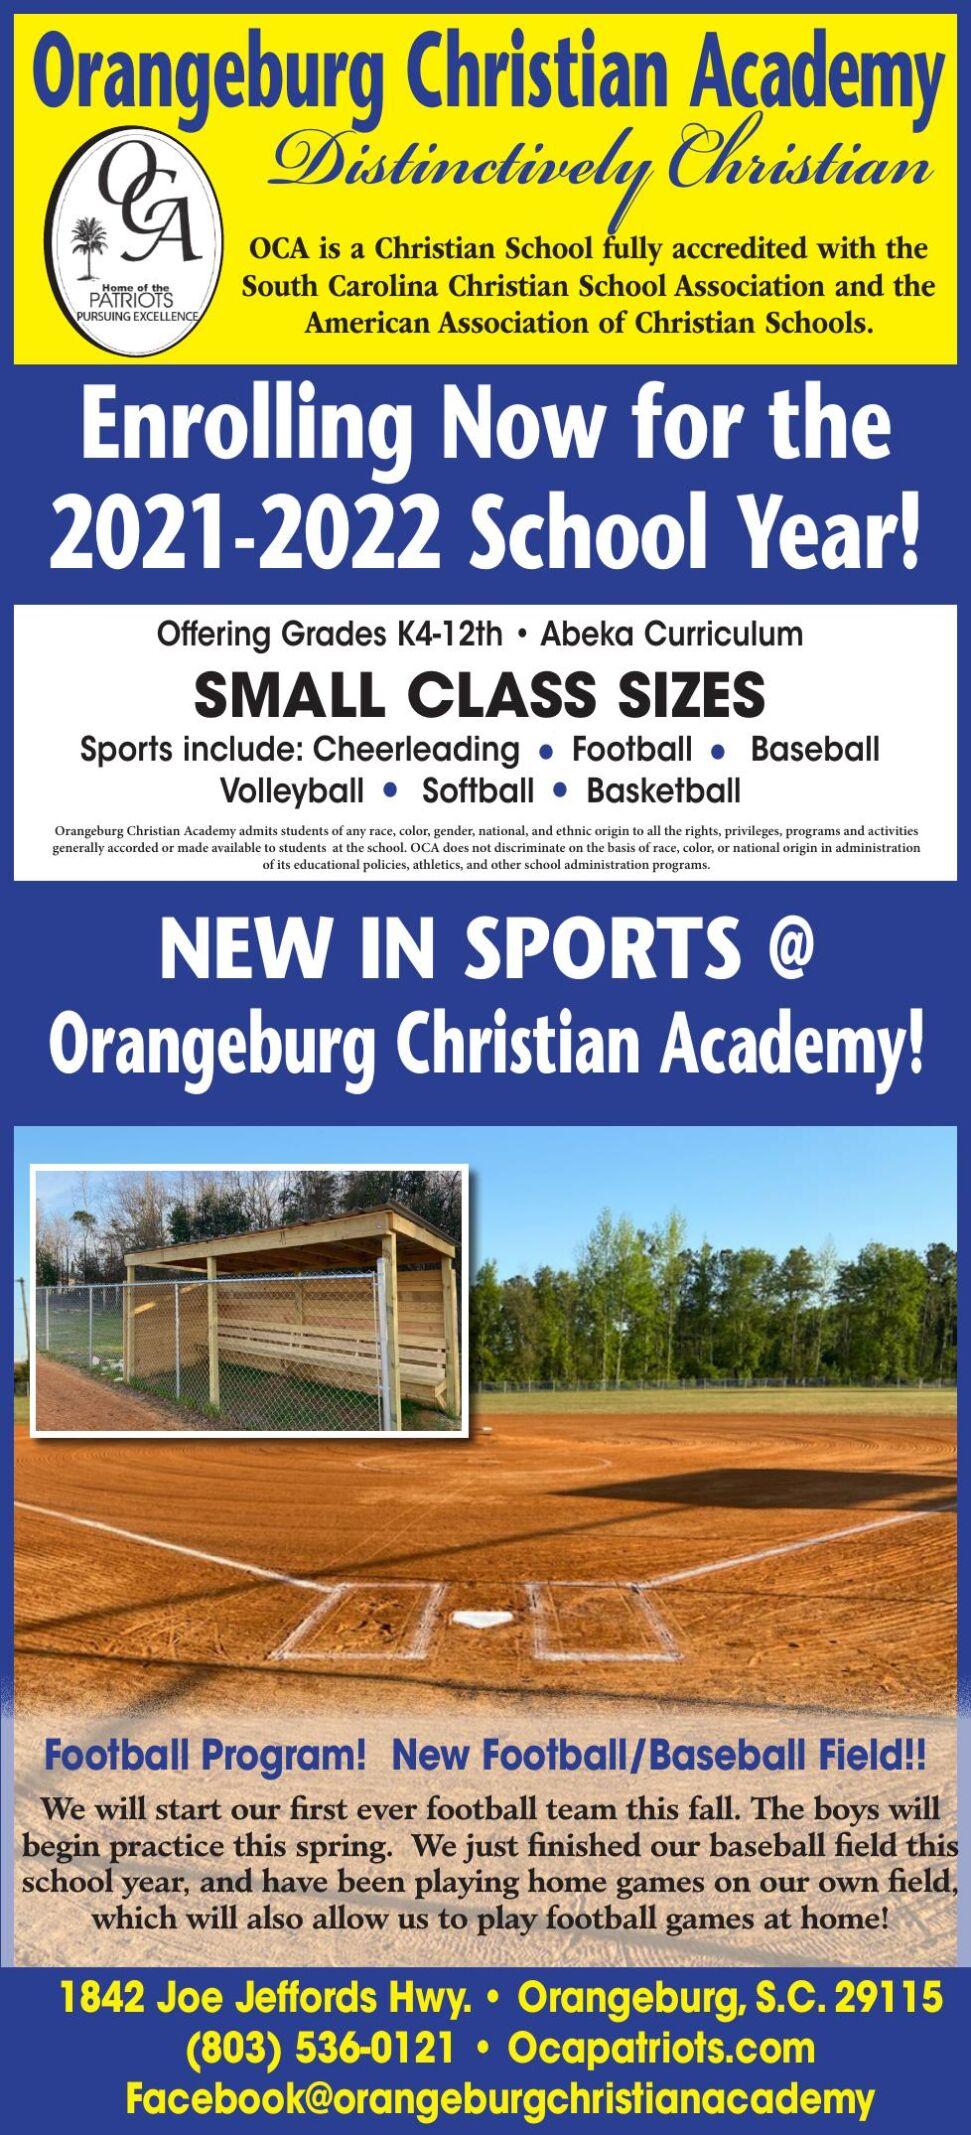 Orangeburg Christian Academy/FA